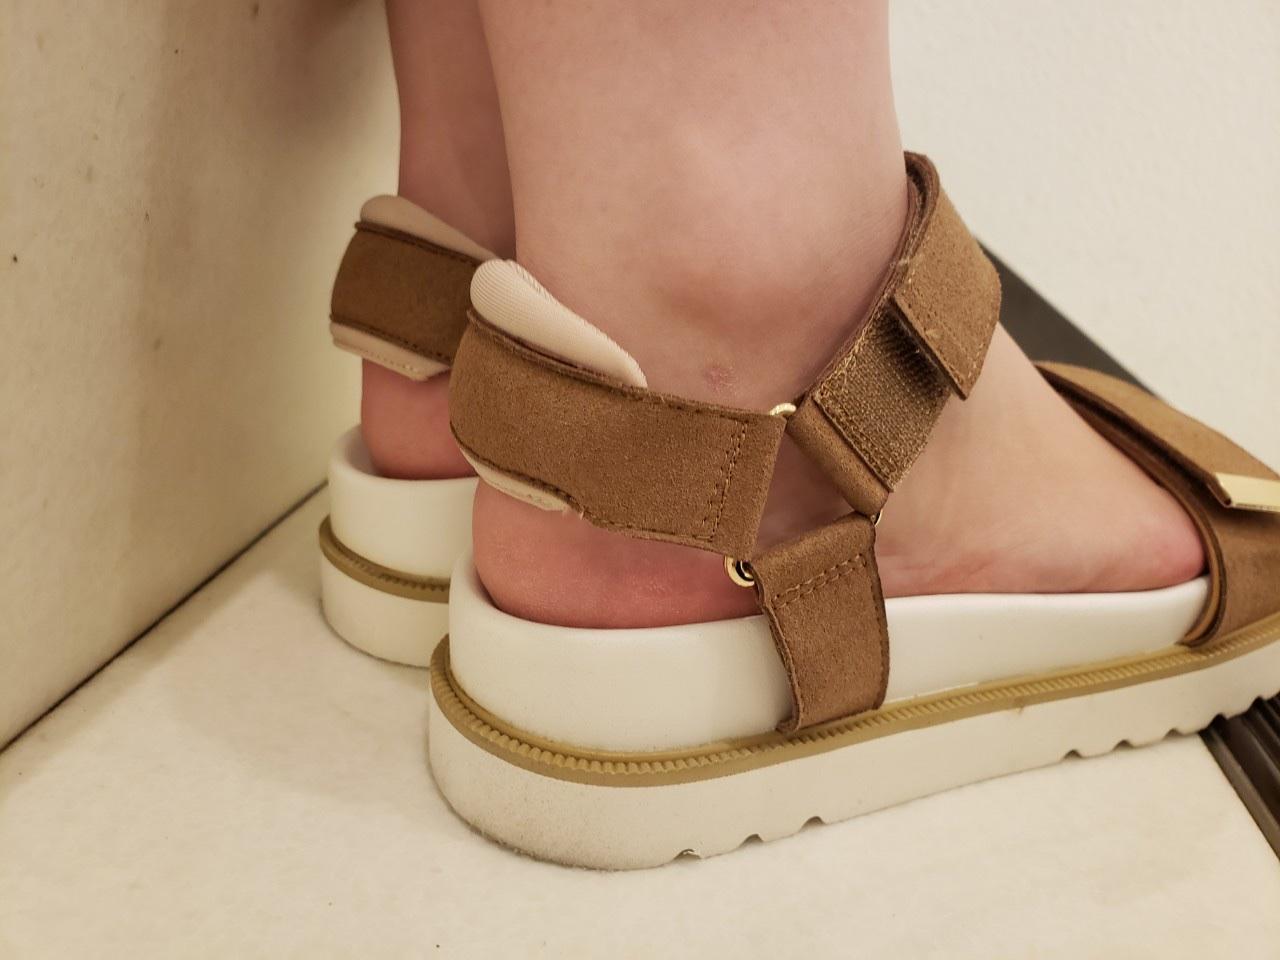 ScrapBook   スクラップブック sandal サンダル sports sandal スポーツサンダル ルミネ大宮 大宮ルミネ